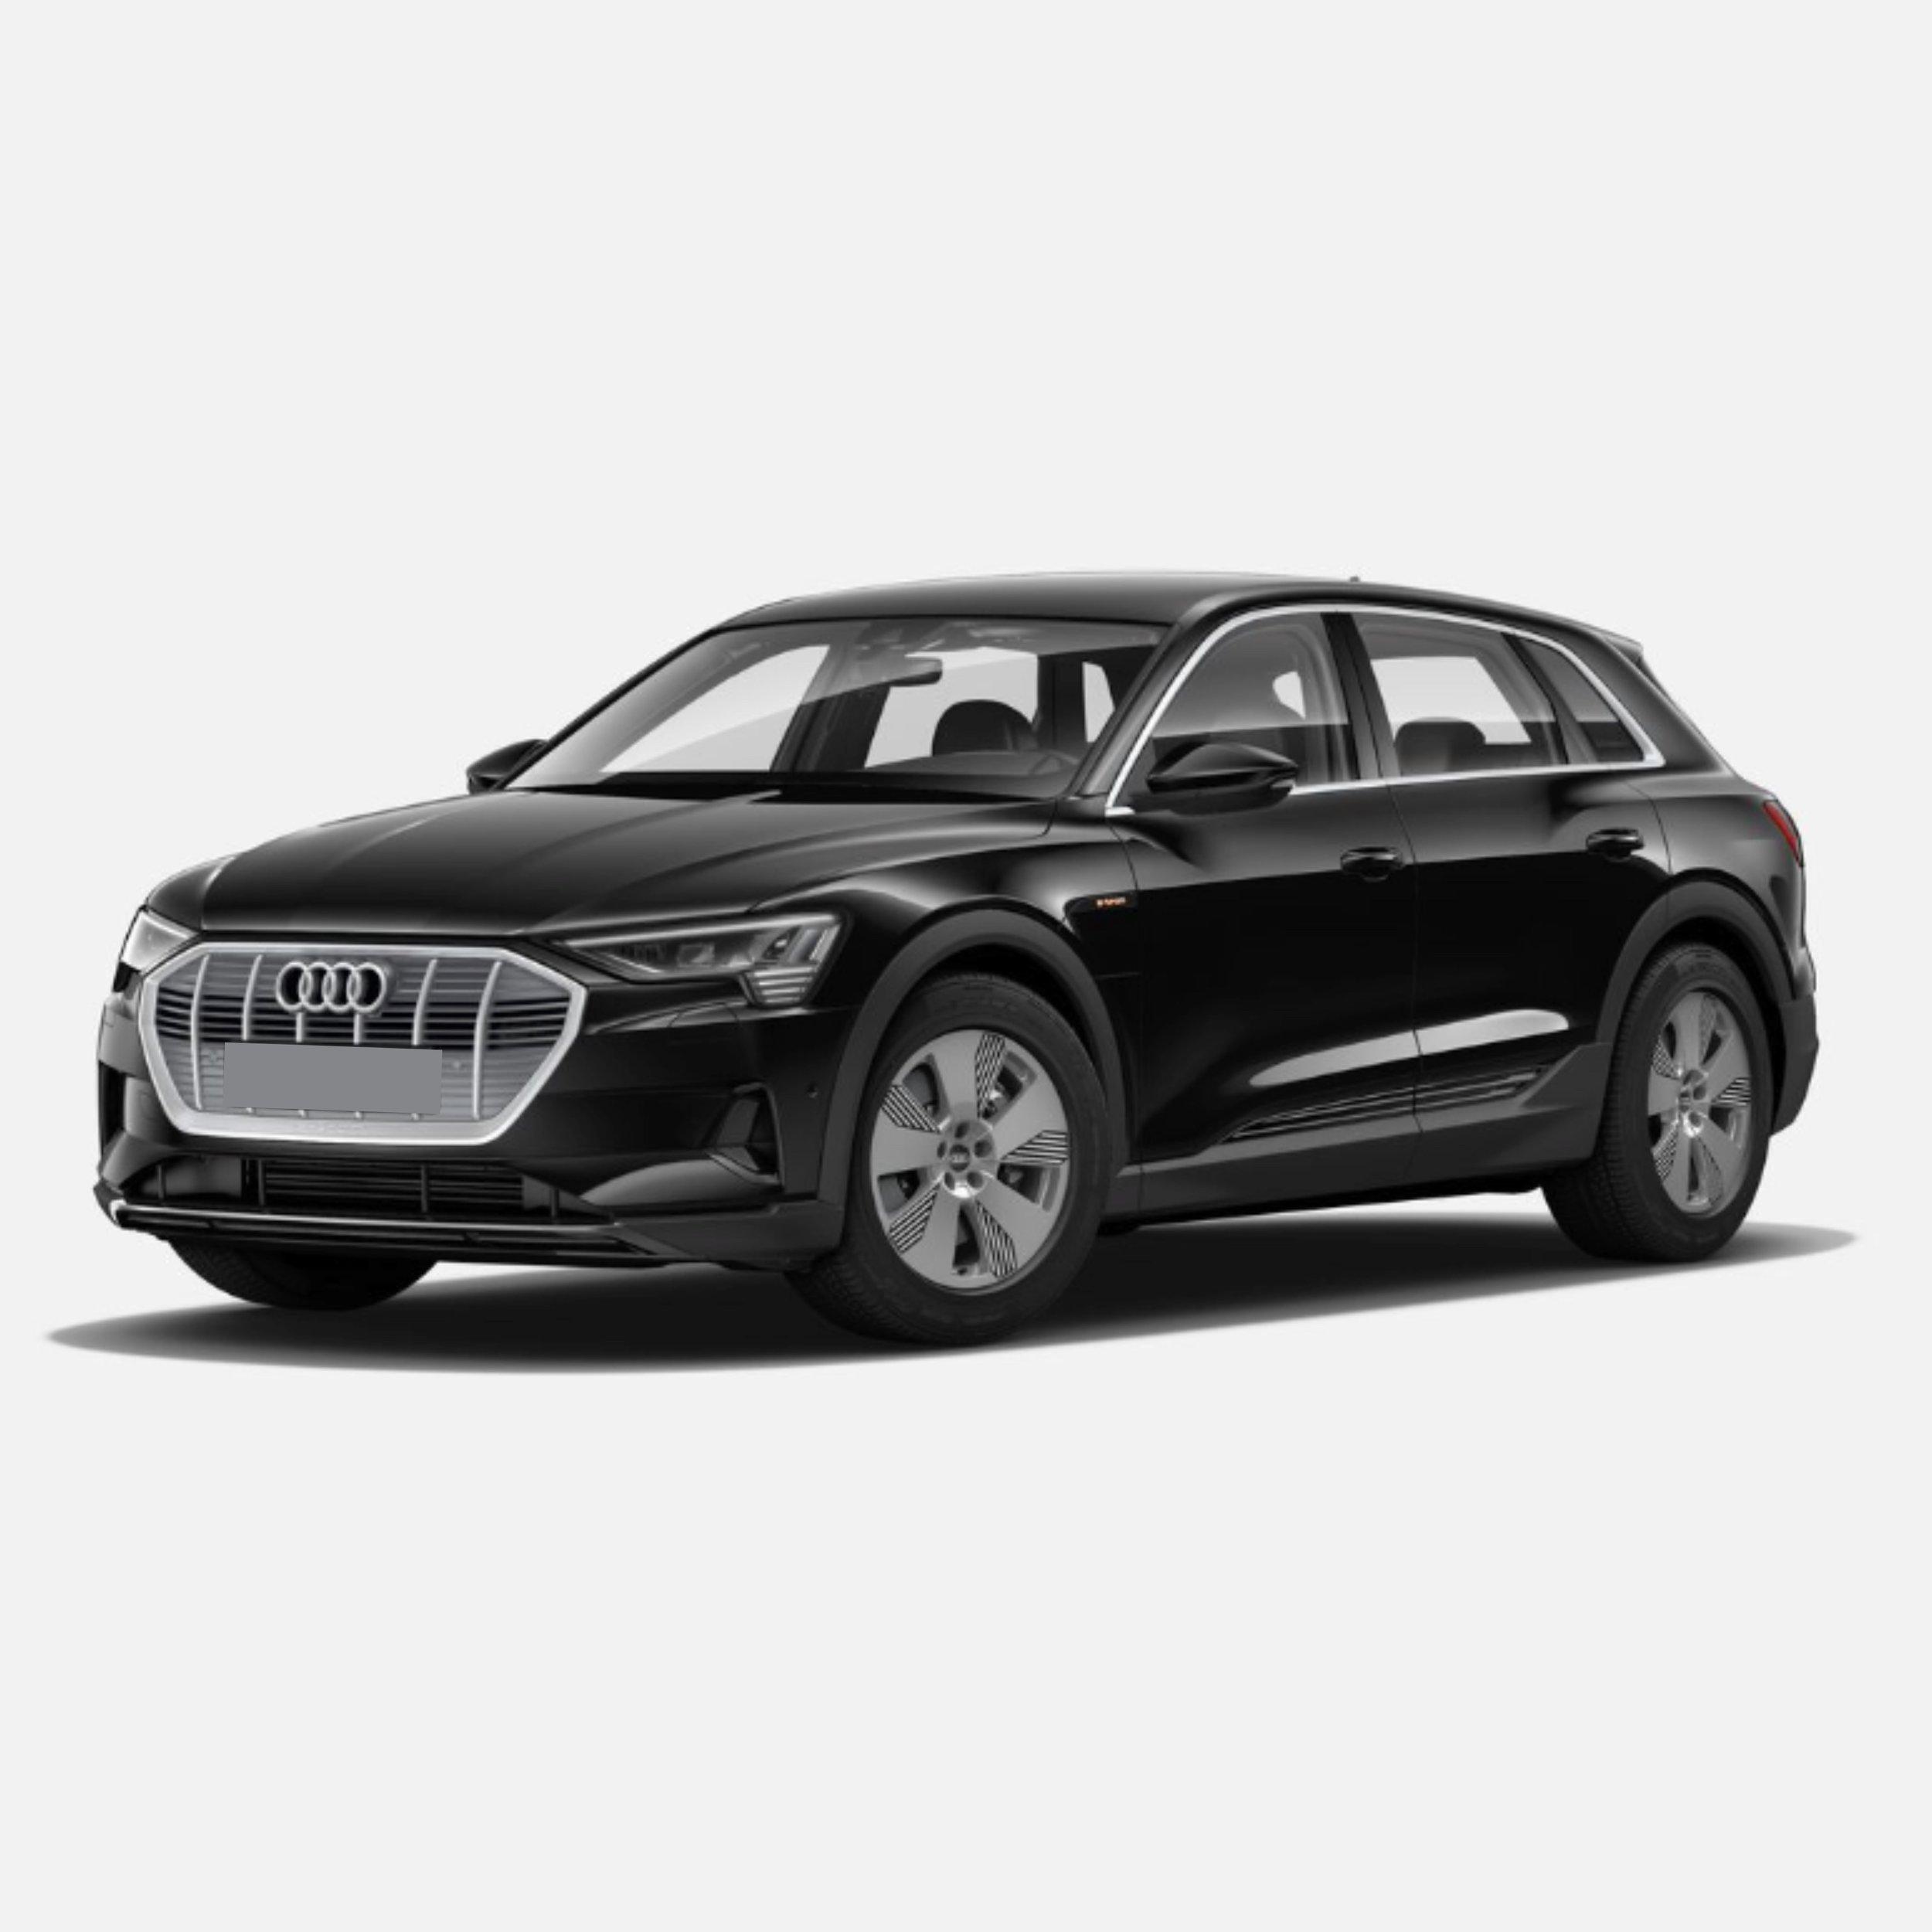 Audi e-tron 55 quattro (265kW)628,00€ / Monat - *Nur für Gewerbekunden*alle Werte zzgl. der jeweiligen Umsatzsteuer